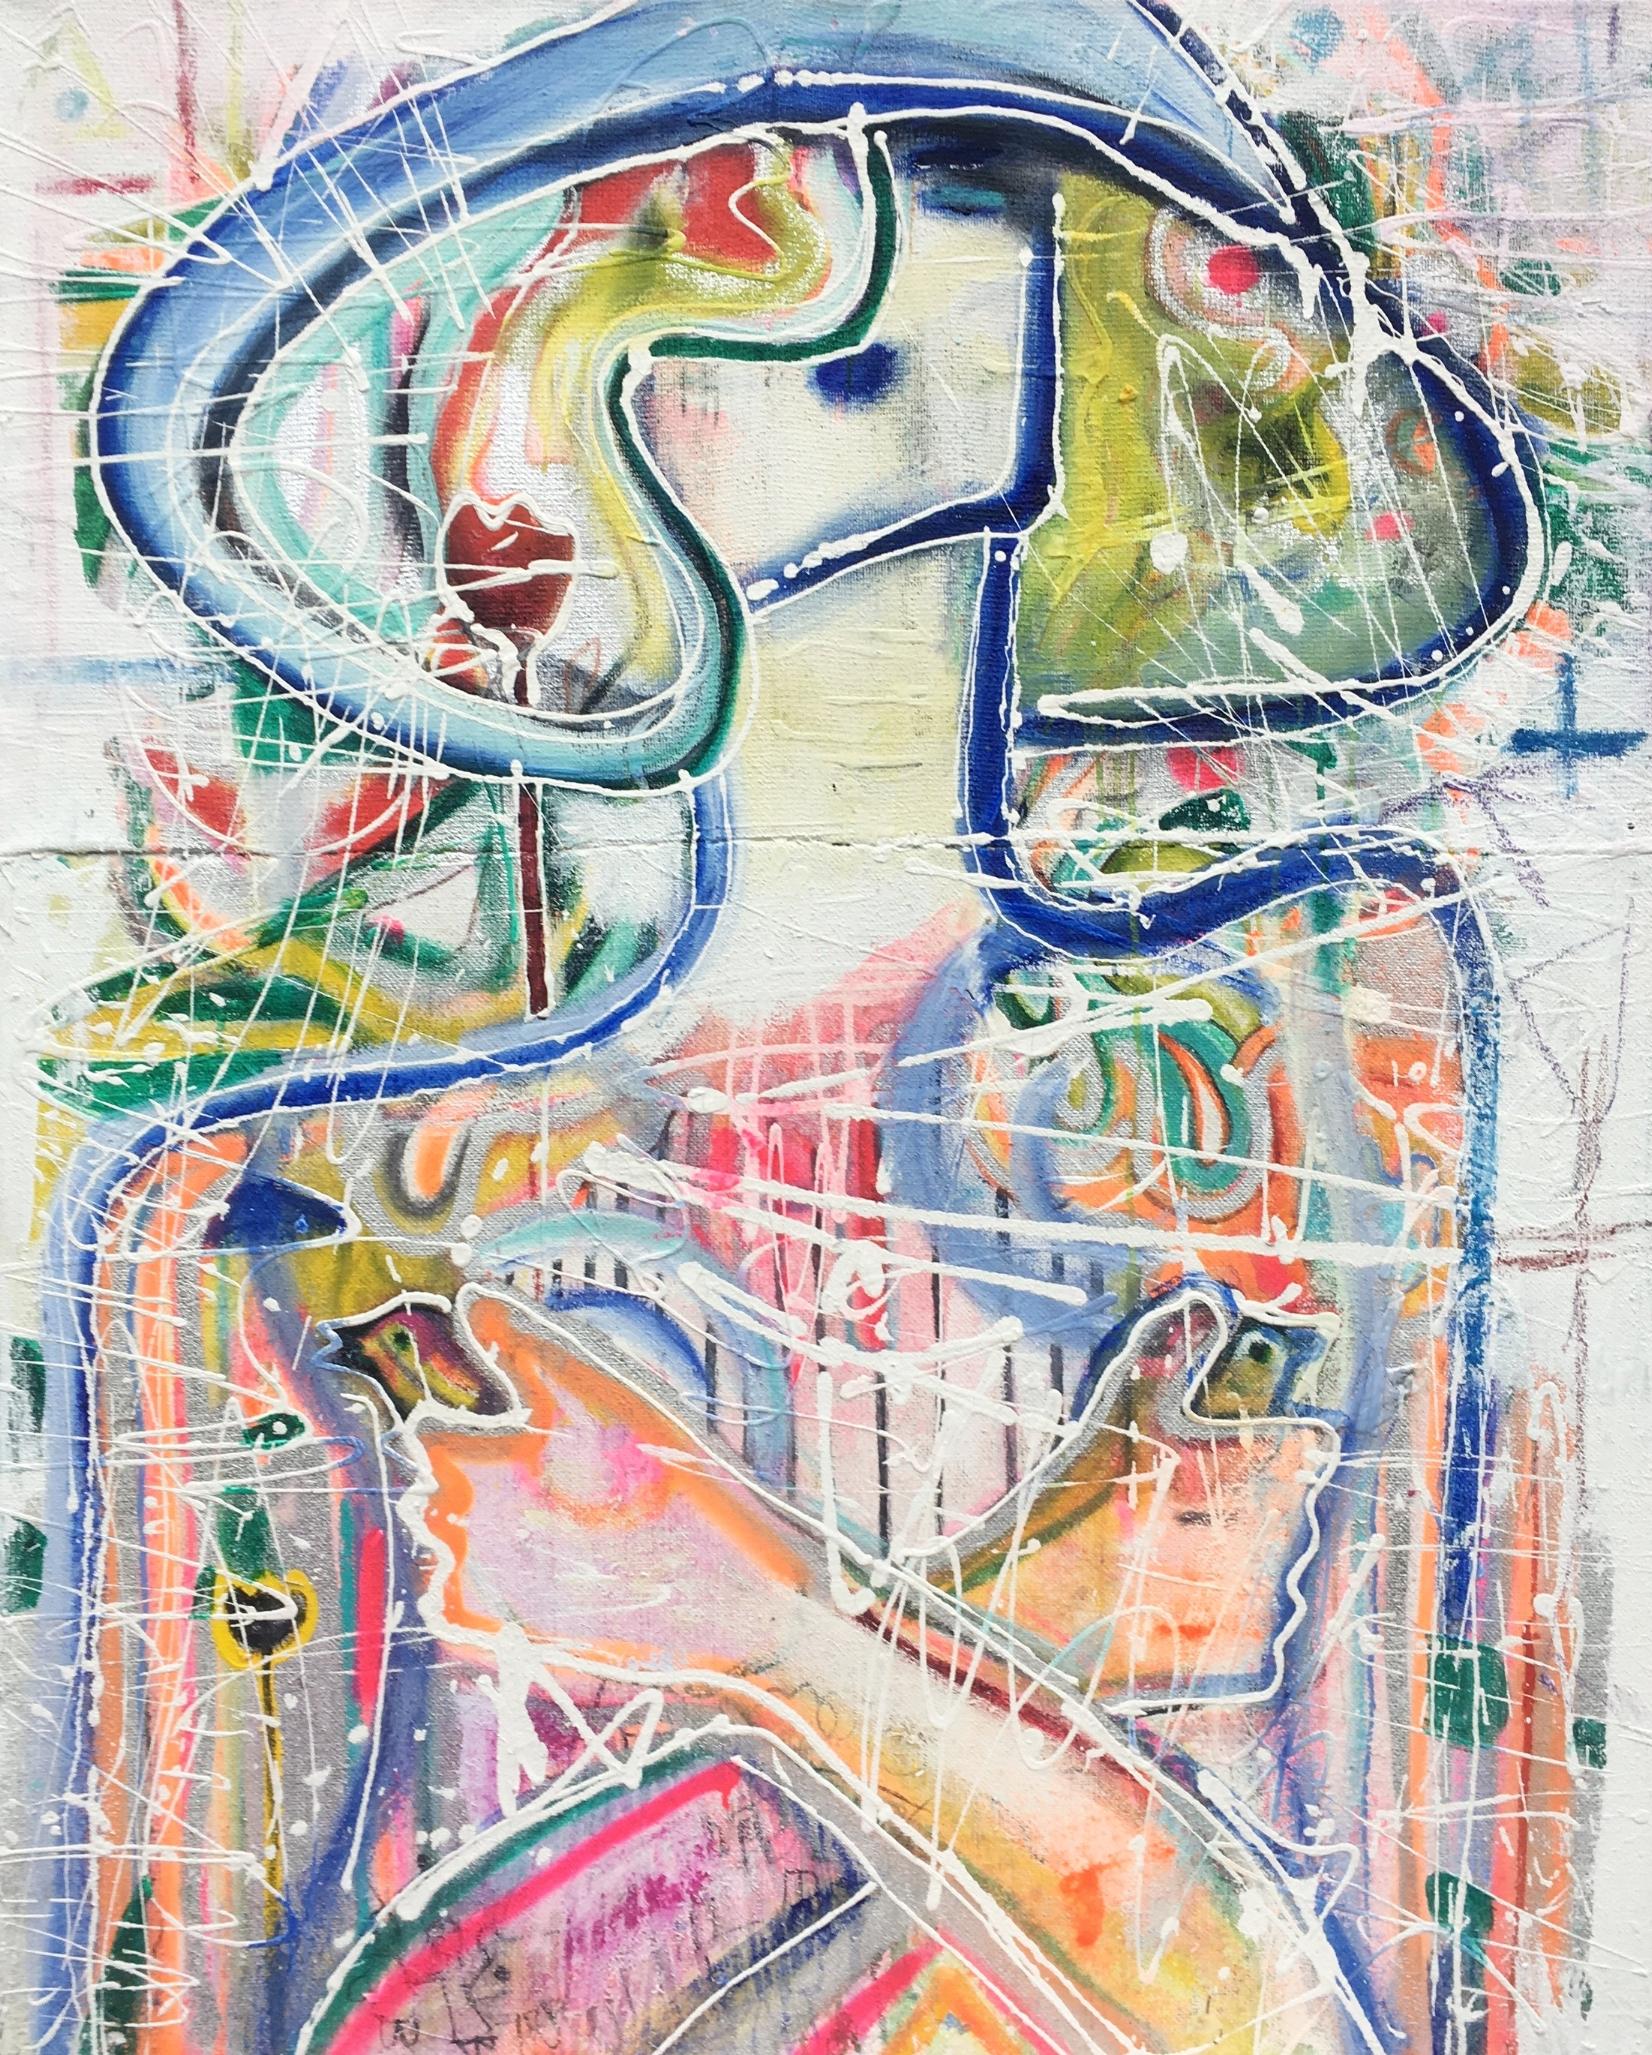 """Mõõdutunde kadumine/ Disappearance of Female Modesty. 2017 - """"Olles feministlikult meelestatud suurlinna naine, ajendas mind selle maali maalimiseks post-feminism ja inimlike väärtuste esile kerkimine. Mida tunneks viimane naine maakeral…? Maal väljendab inimtuuma uuringuid, absurdsusest väljapääsu otsinguid. Naine on justkui ämblikuvõrgus, hoiab peos kahte lindu, sest loodus oleks nagu viimane asi, mida usaldada, kuid seegi on kadumas. Peas olev daamilik kübar sümboliseerib igatsust selle järele, et olla nõrk ja haavatav ilma, et keegi näeks selles head võimalust sinu ära kasutamiseks.""""/""""As I am a feminist big city woman, the inspiration for this painting came from post-feminism and the appearance of human values. What would the last woman on Earth feel…? The painting expresses the studies of the human core and the search for an escape from absurdity. The woman seems to be in a spider web, holding two birds in the palm of her hand as if nature is the last thing that can be trusted but it is disappearing like everything else. The feminine hat on her head symbolises the yearning to be weak and vulnerable without anyone seeing it as an opportunity to take advantage of you."""""""